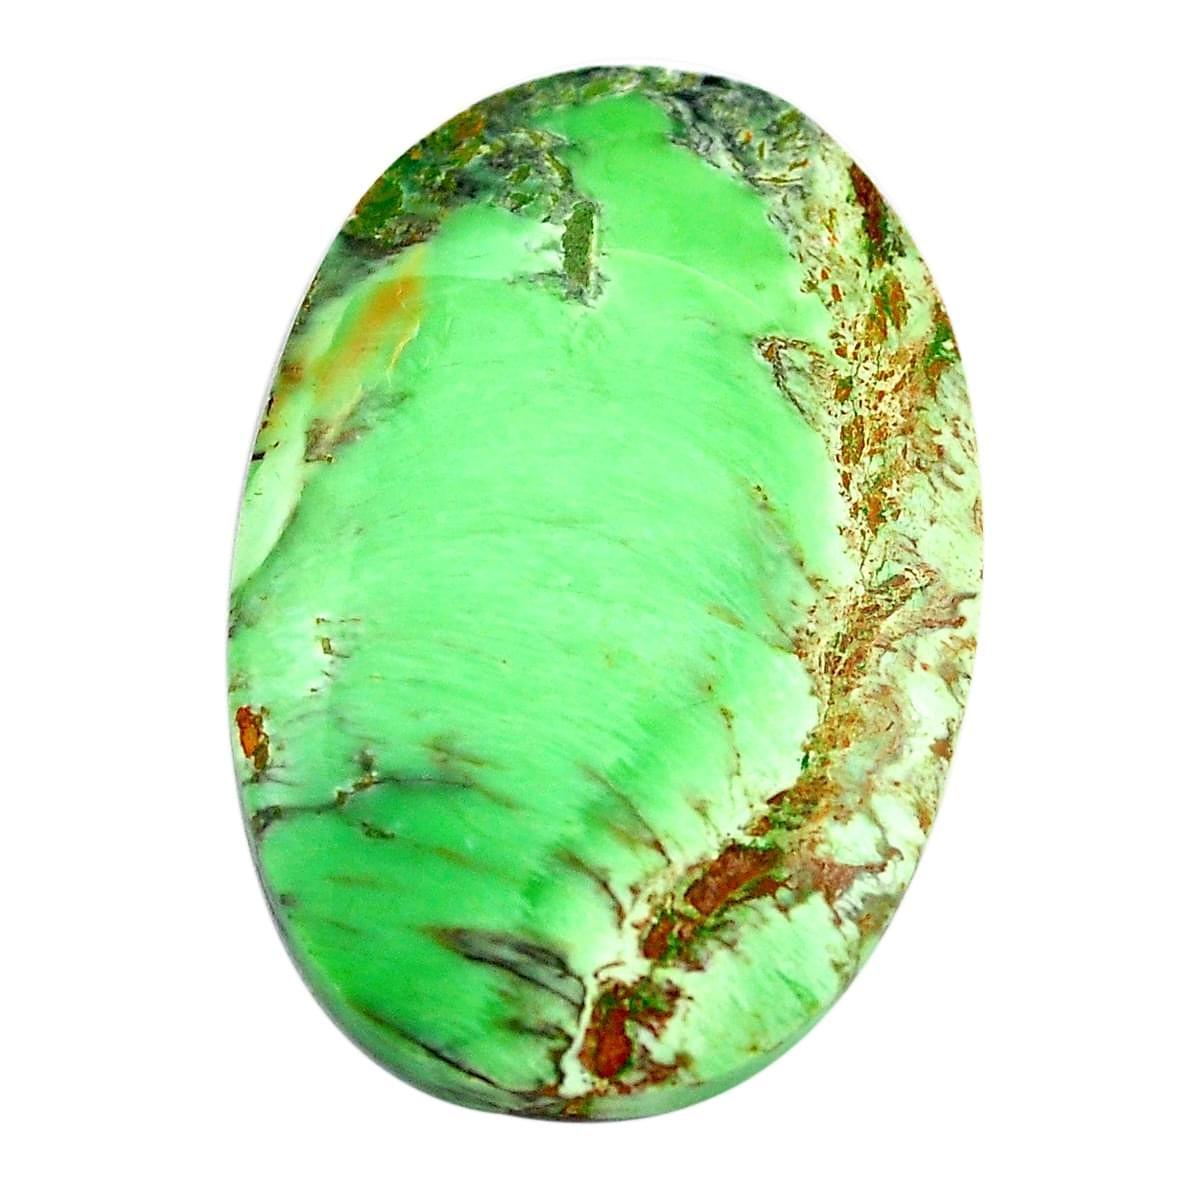 Variscite Cabochon Variscite Gemstone Natural Variscite size 34 x 48 mm Loose Variscite Pear Gemstone Cabochon ET 3567 Variscite